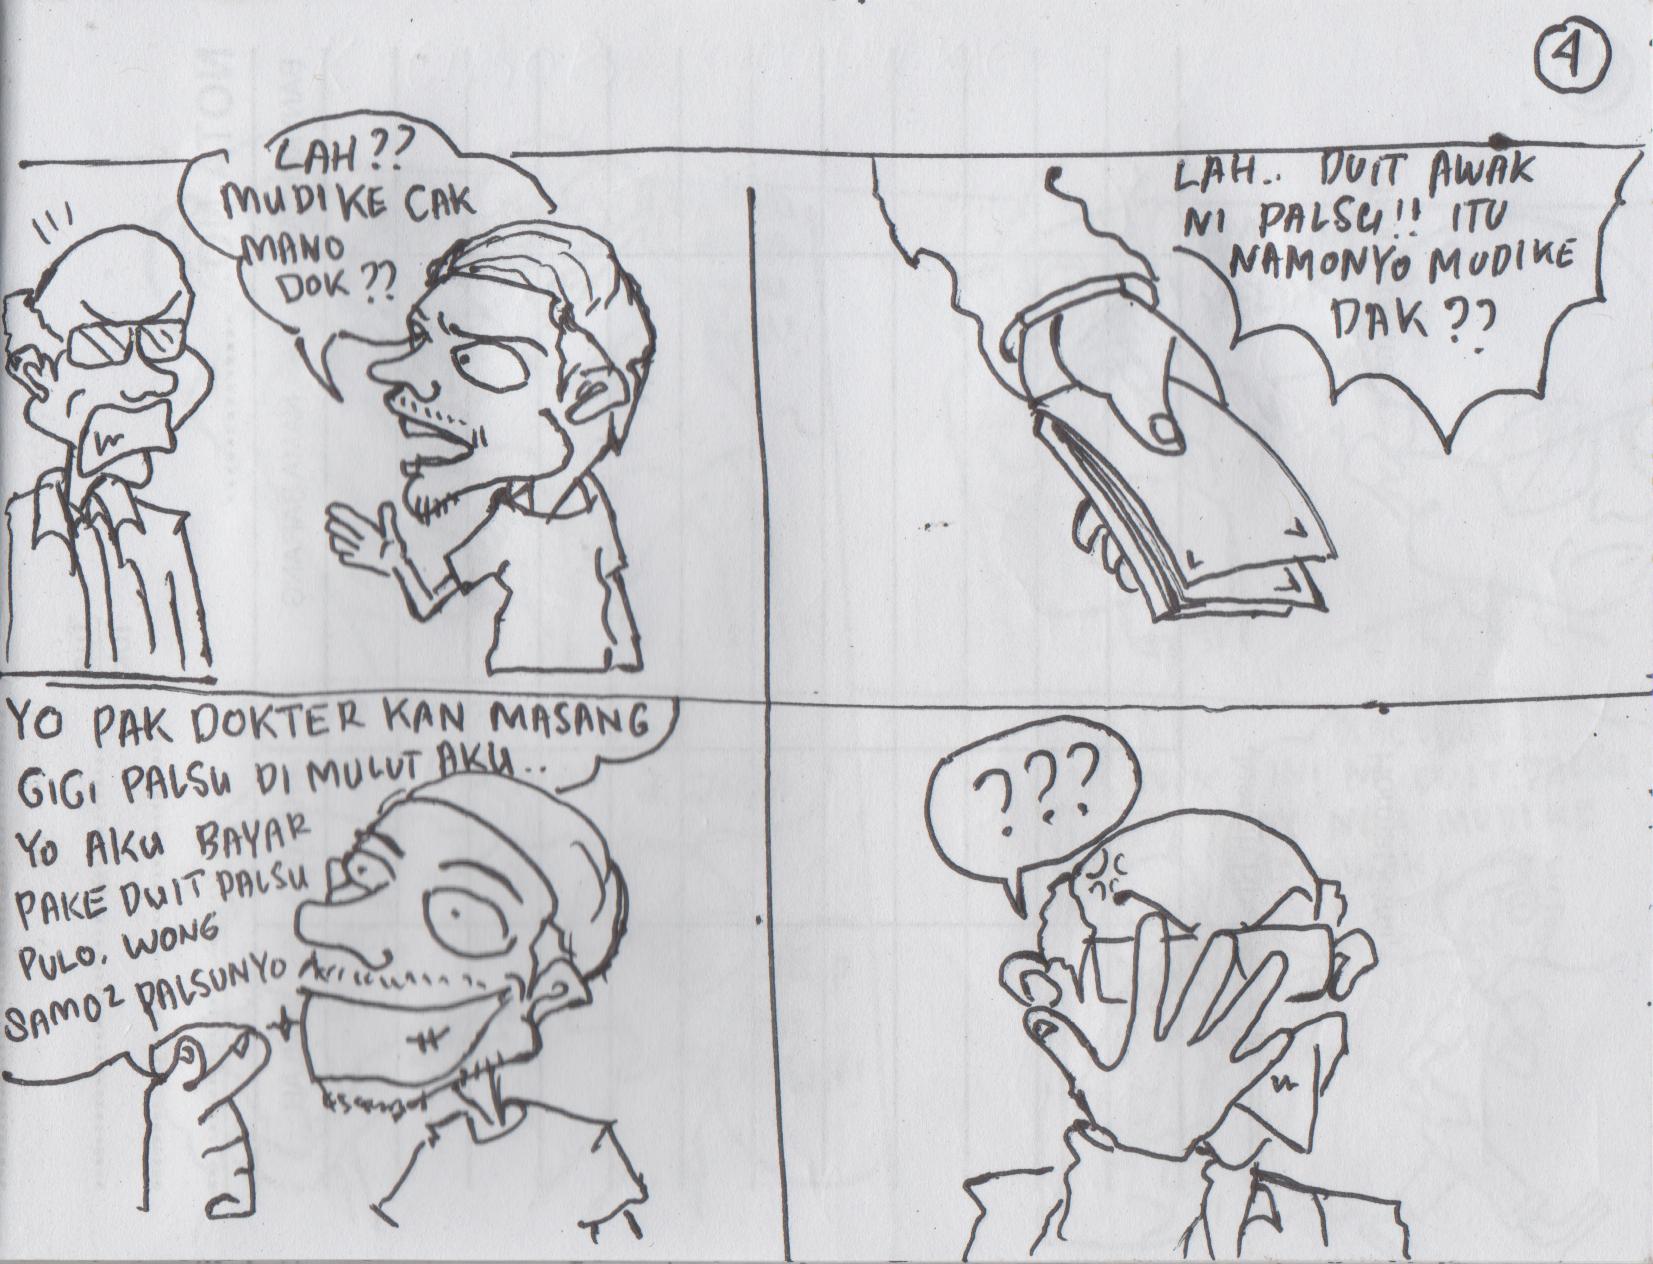 kacibob-gigi-palsu-page-4